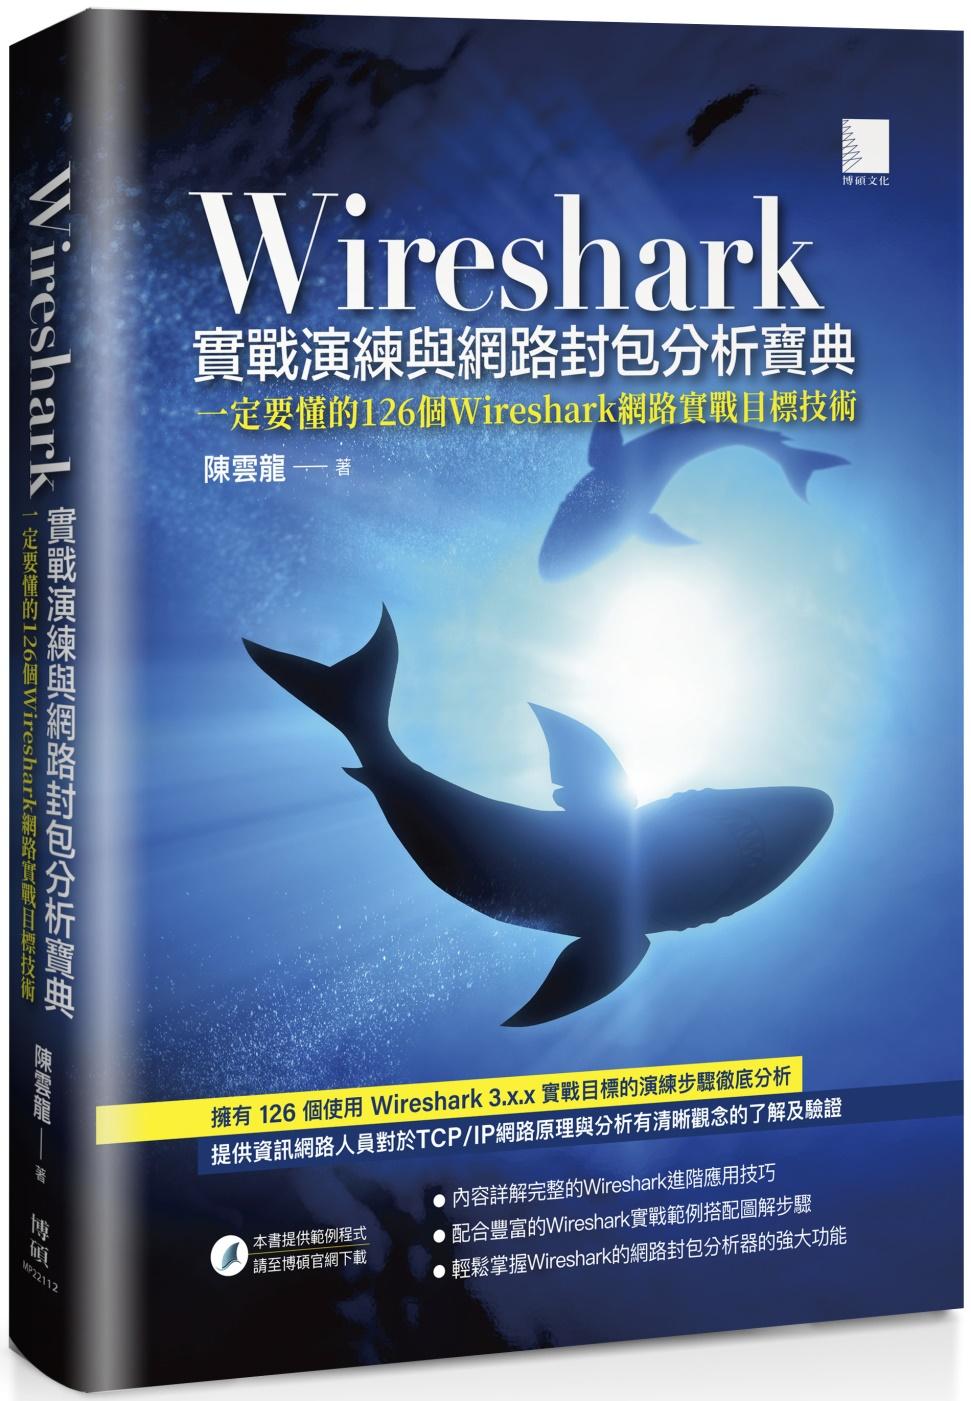 Wireshar...